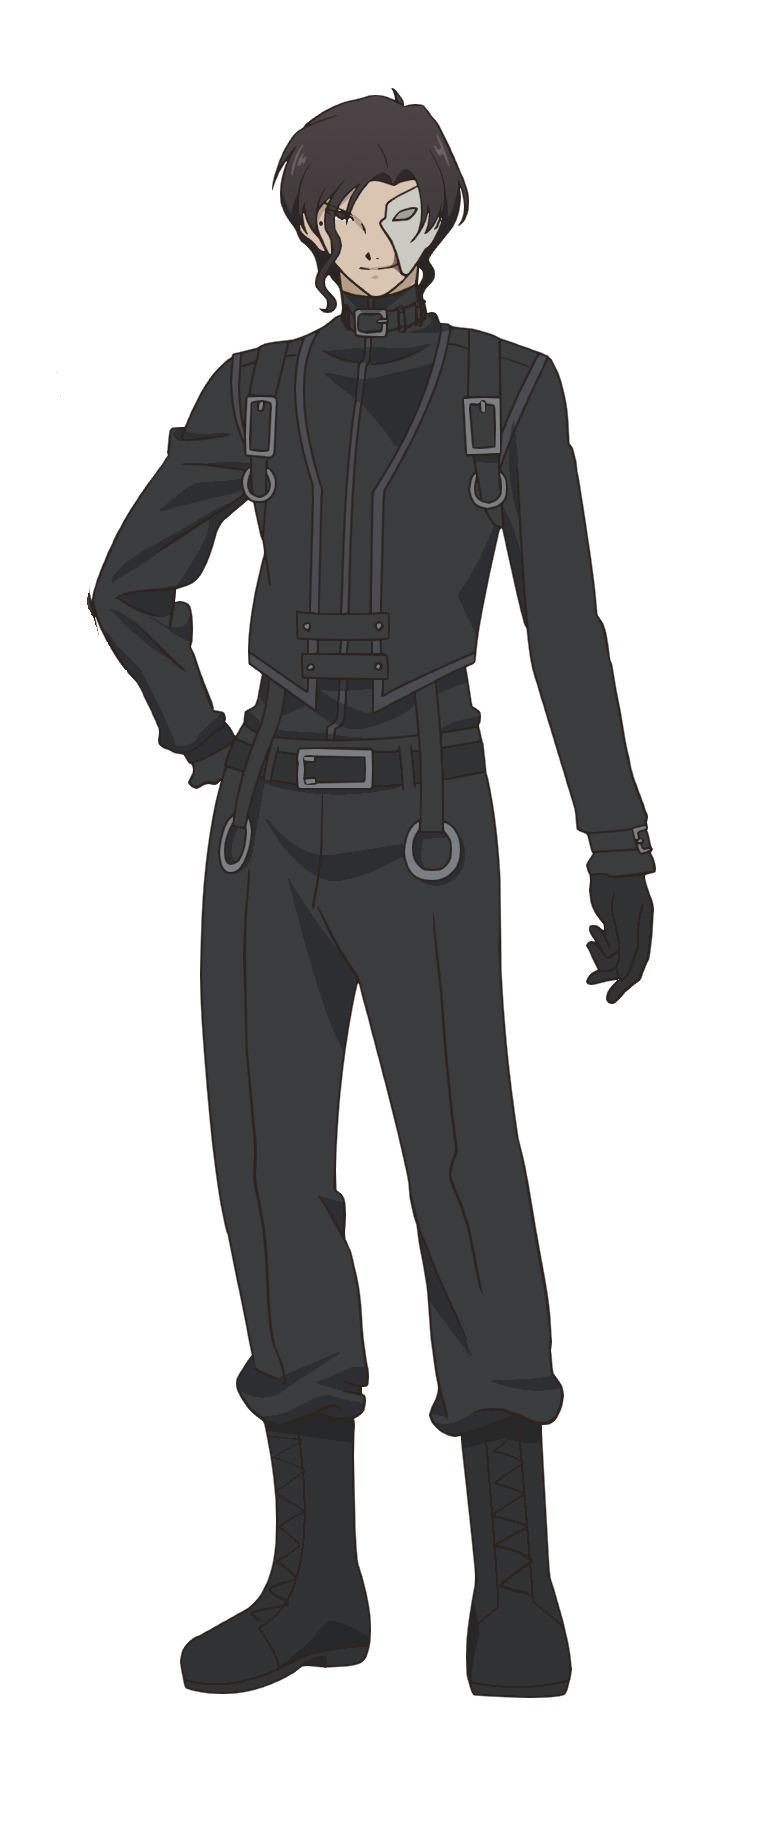 ハイドラント(戦闘服) (c)秋田禎信・草河遊也・TOブックス/魔術士オーフェンはぐれ旅製作委員会